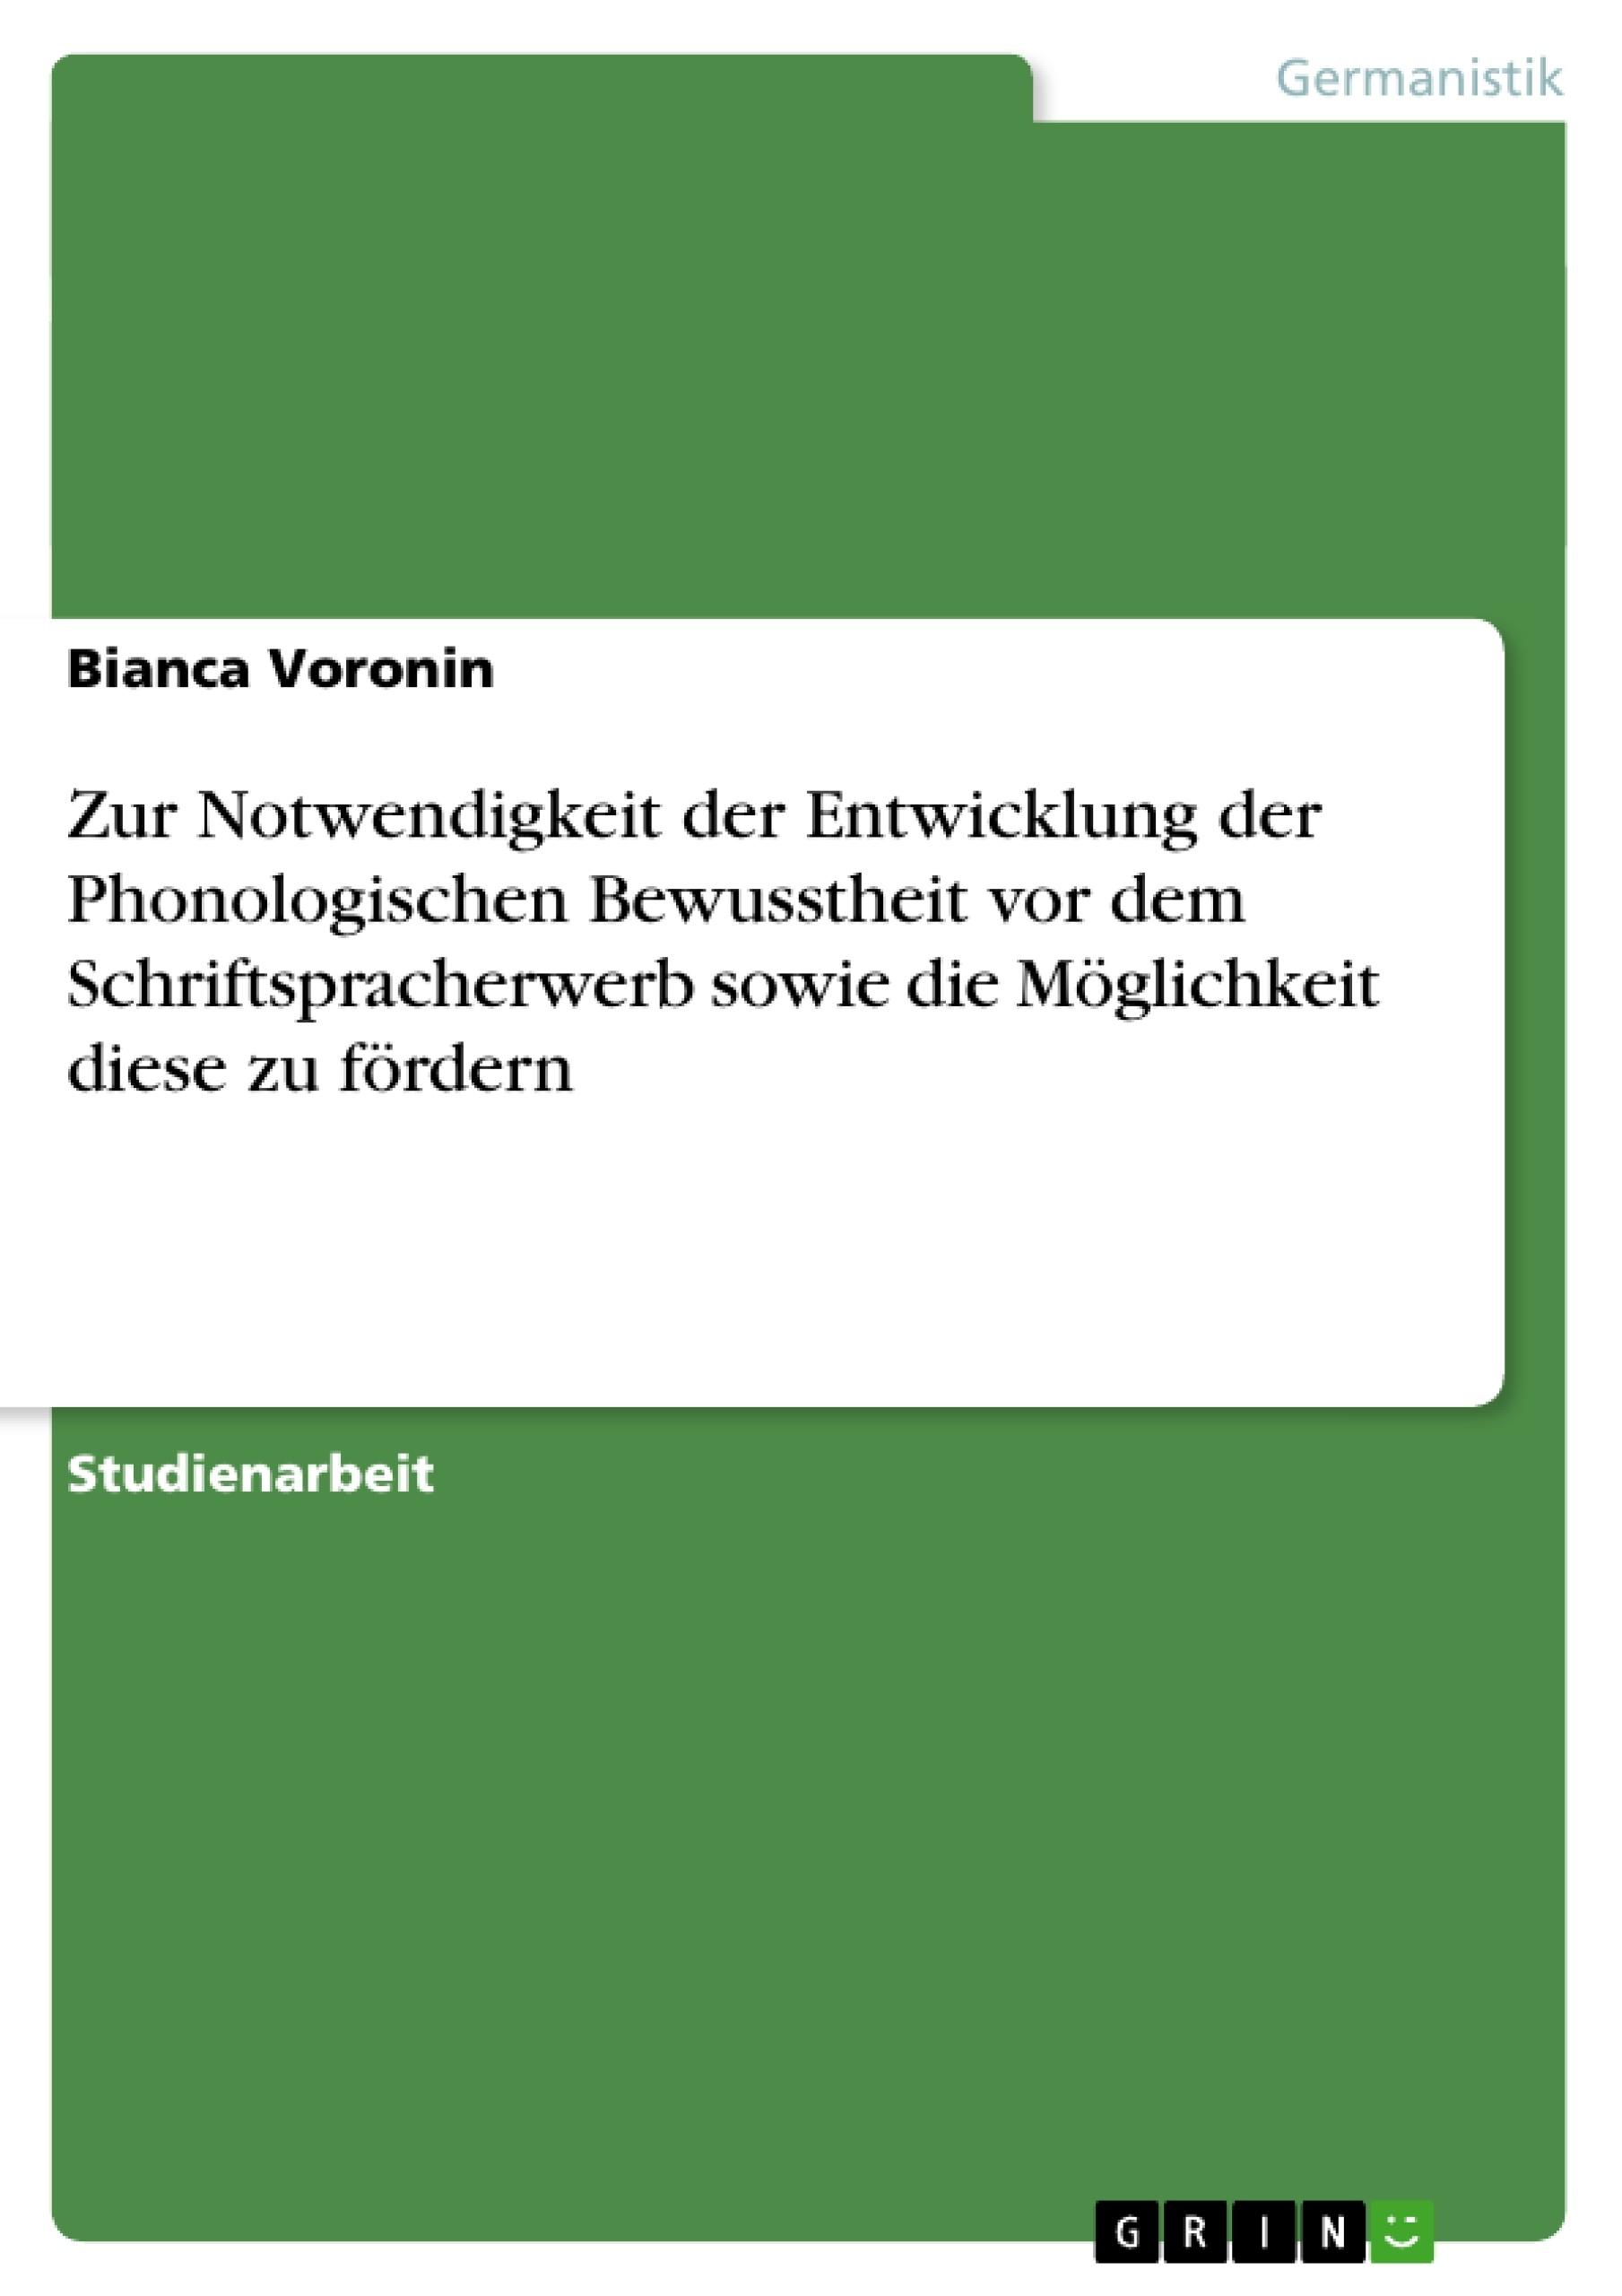 Titel: Zur Notwendigkeit der Entwicklung der Phonologischen Bewusstheit vor dem Schriftspracherwerb sowie die Möglichkeit  diese zu fördern